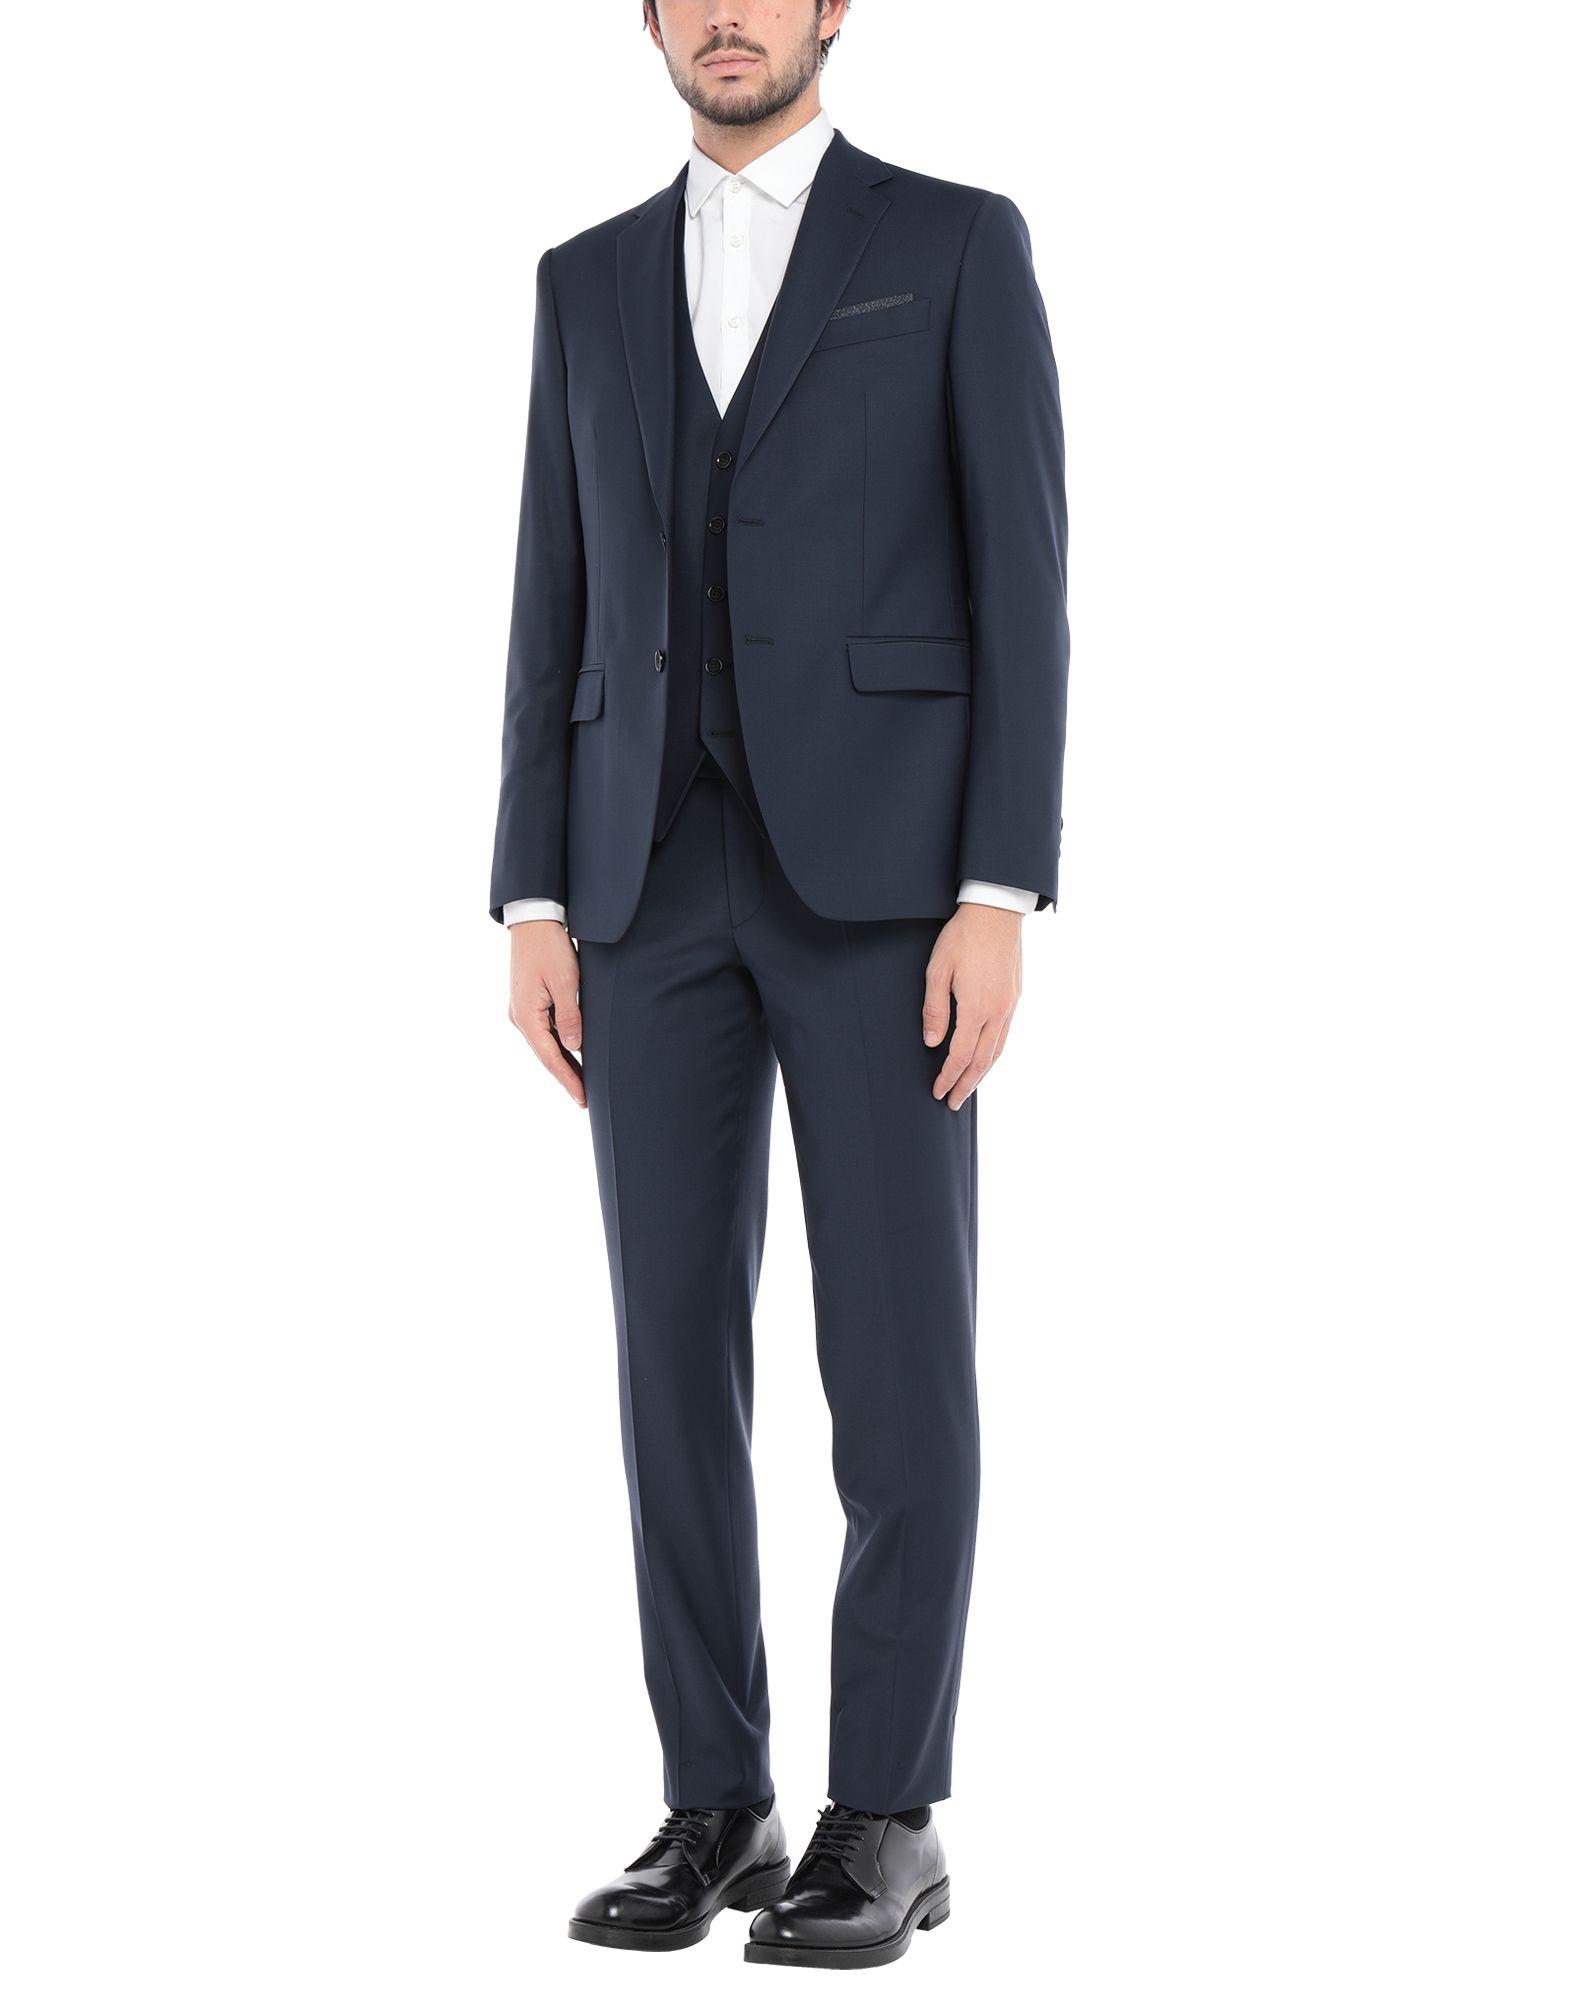 《セール開催中》CITY TIME メンズ スーツ ダークブルー 56 ポリエステル 52% / バージンウール 43% / ポリウレタン 5%